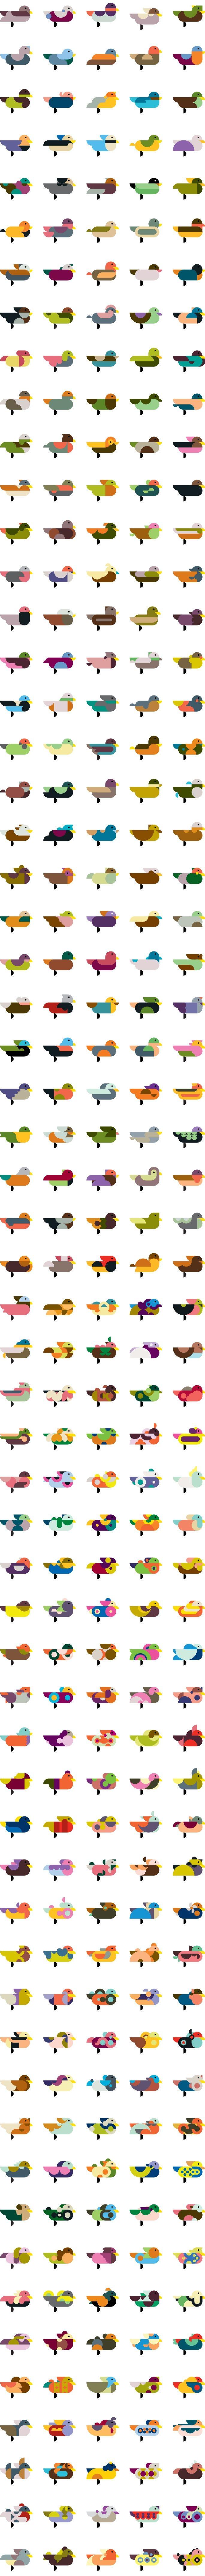 Tony Buckland - 300 ducks